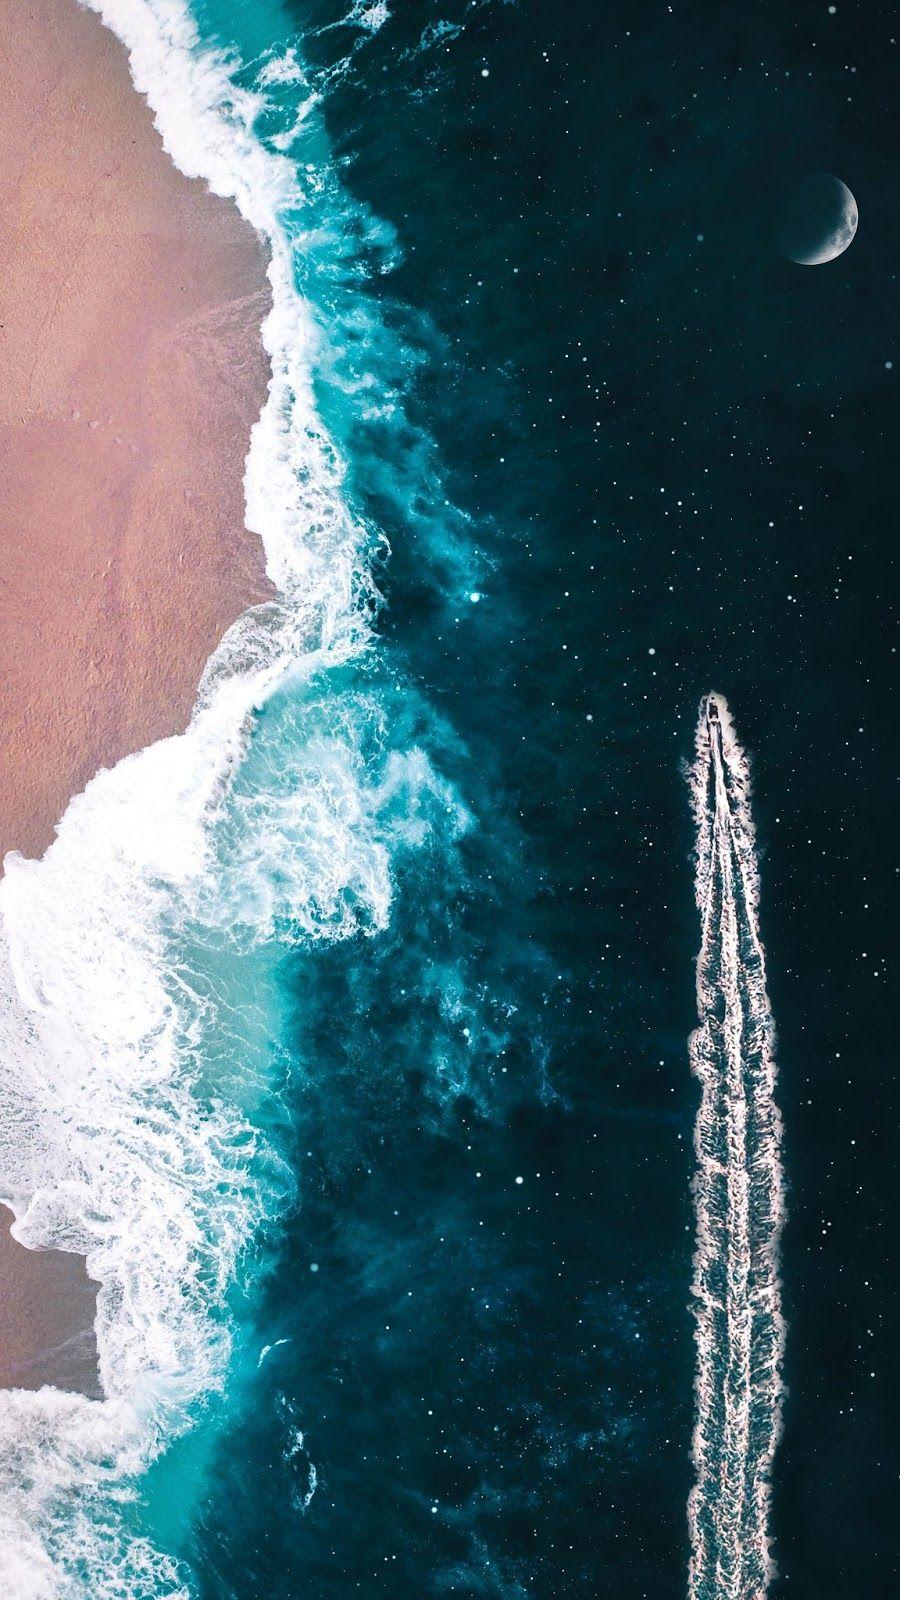 Sailing through space | Wallpaper | Обои с океаном, Обои фоны, Фоновые изображения